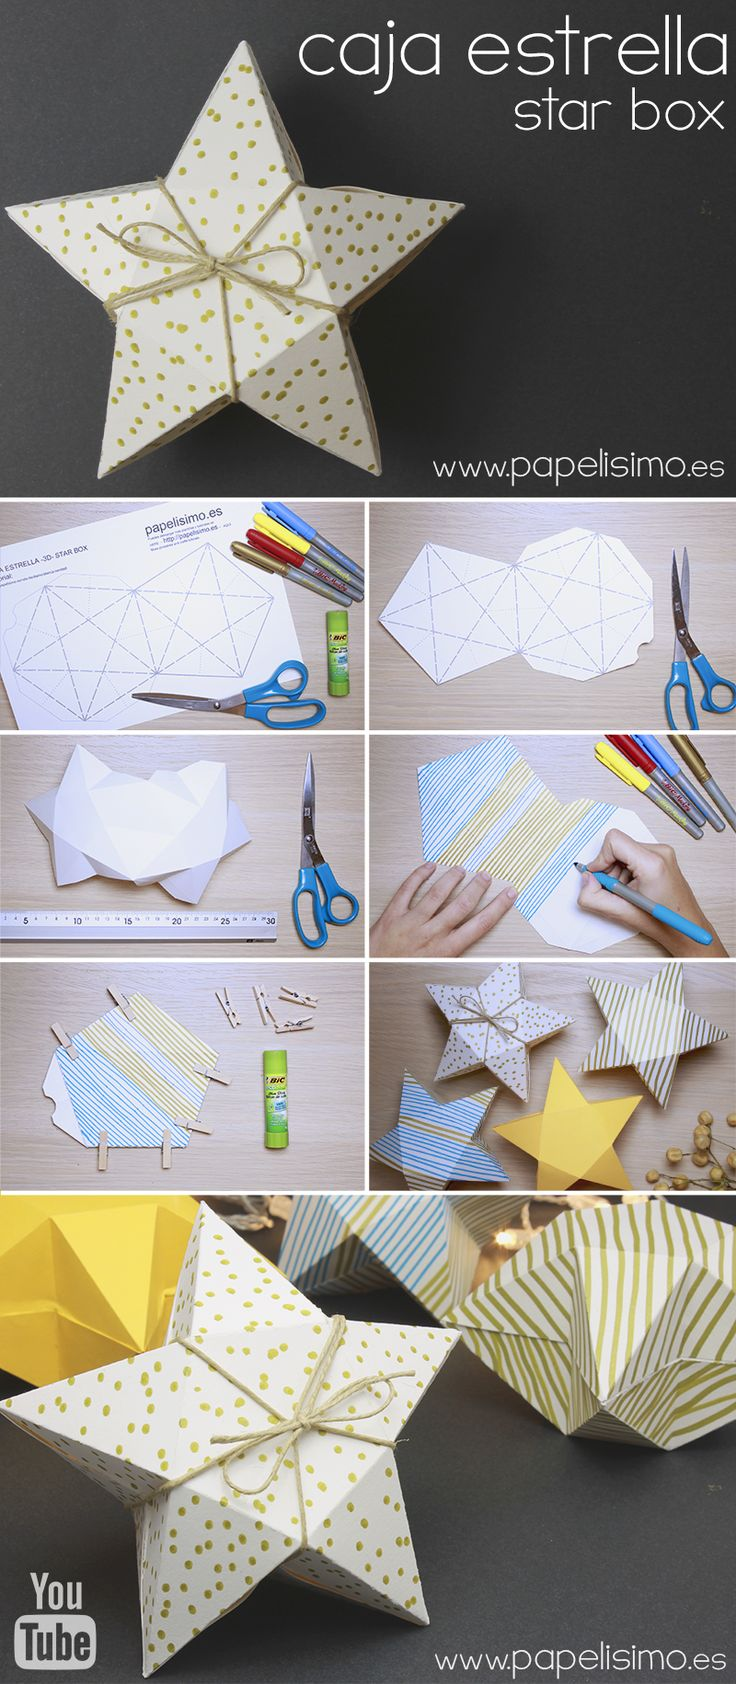 Tutorial caja de cartulina con forma de estrella | http://papelisimo.es/tutorial-caja-de-cartulina-estrella-star-box/